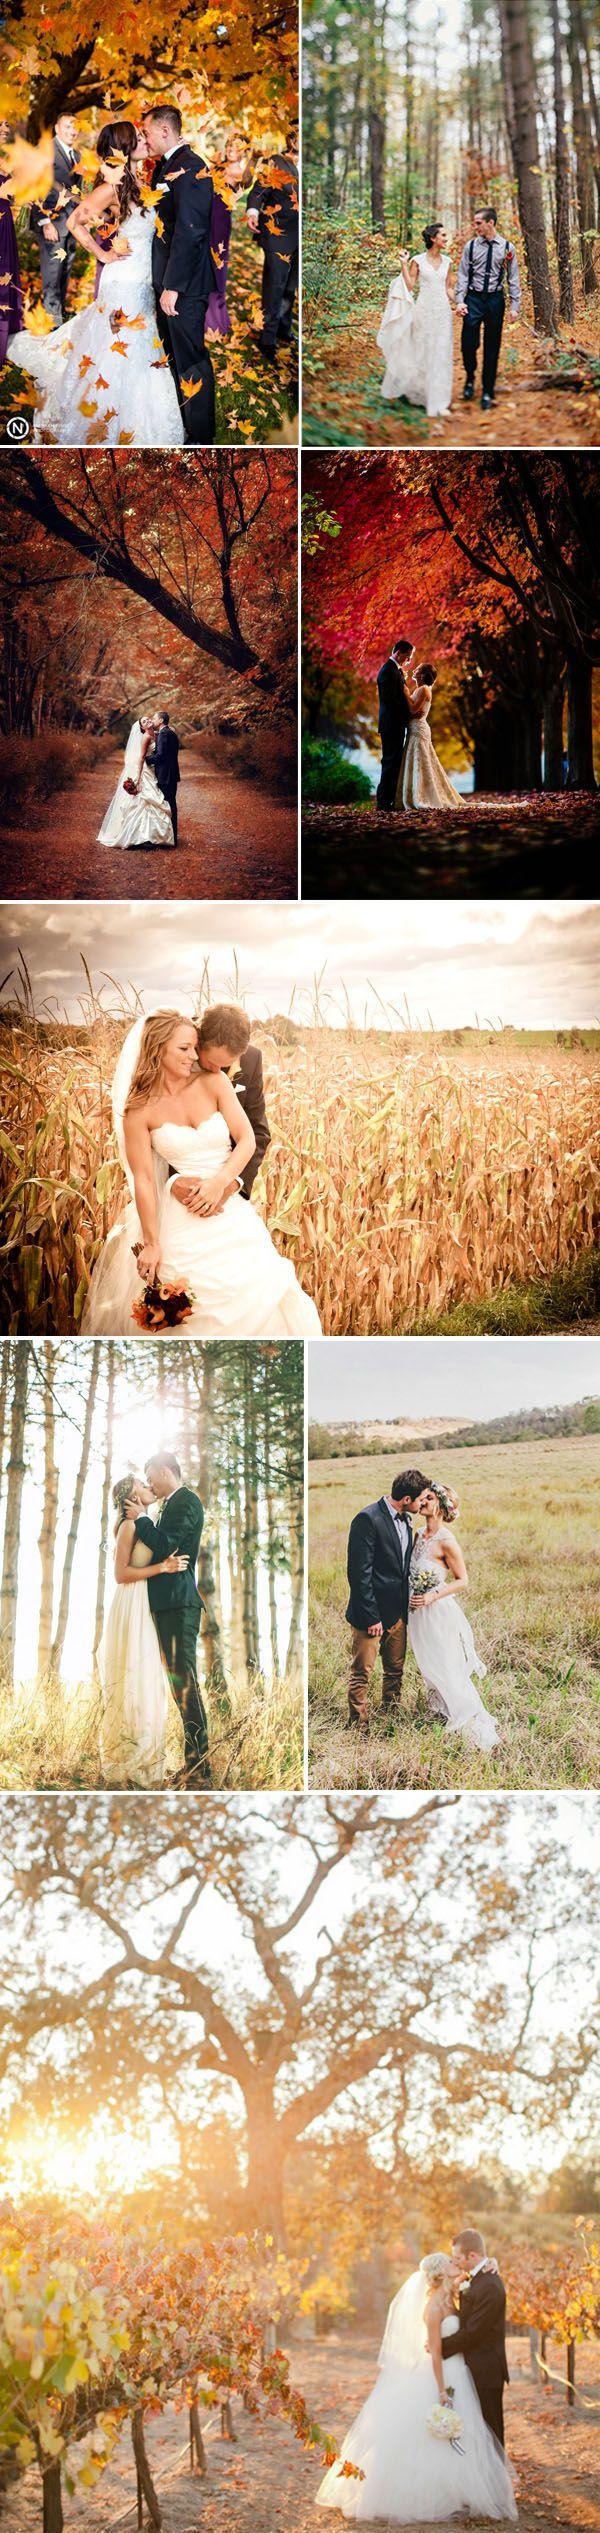 Fall Wedding Photos